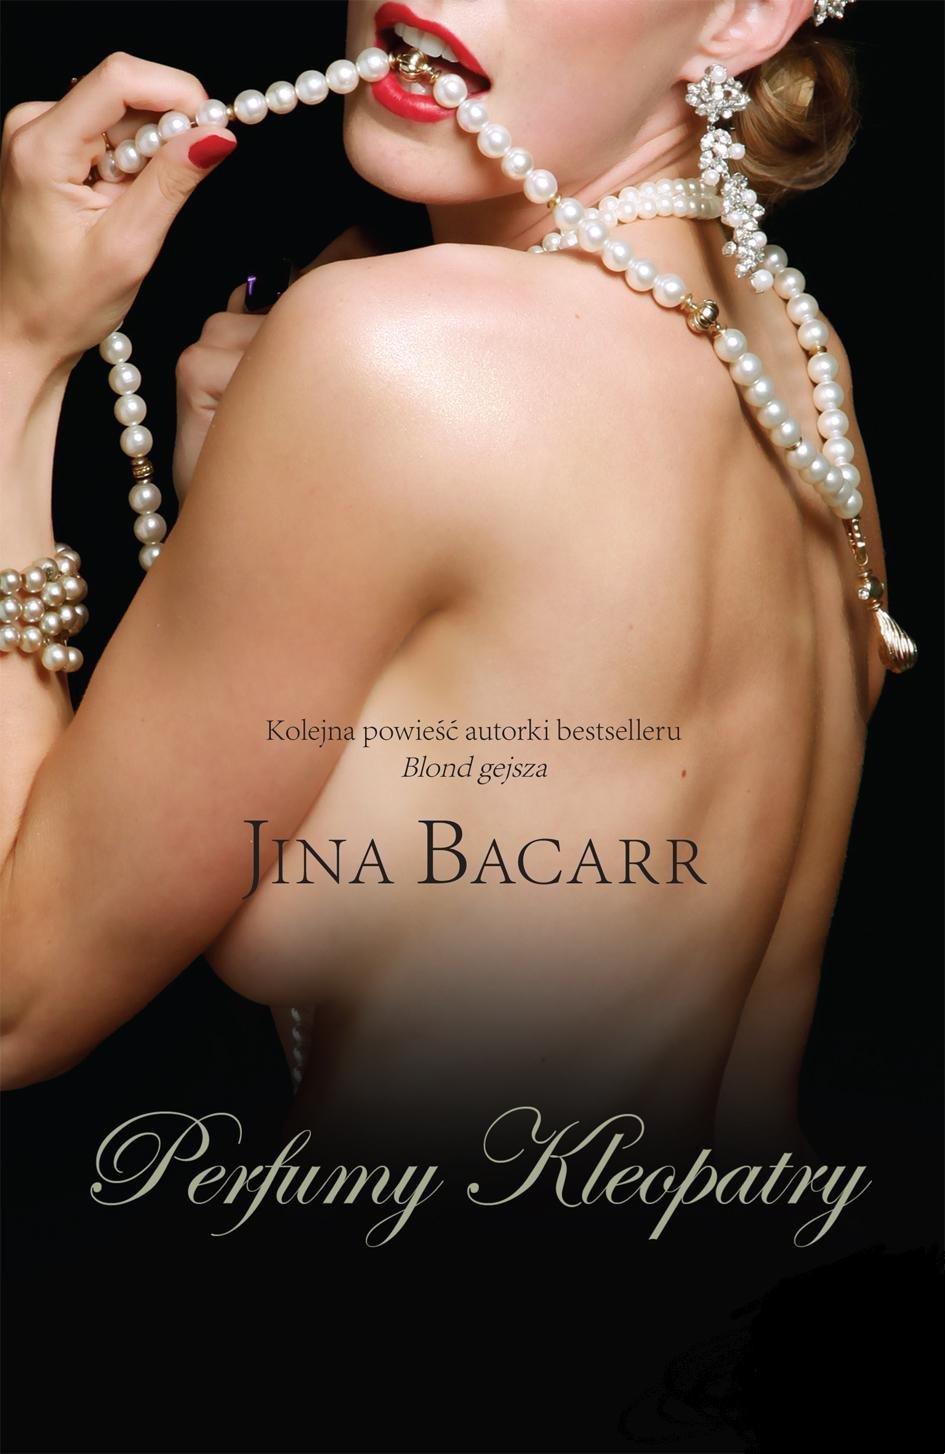 Perfumy Kleopatry - Ebook (Książka EPUB) do pobrania w formacie EPUB